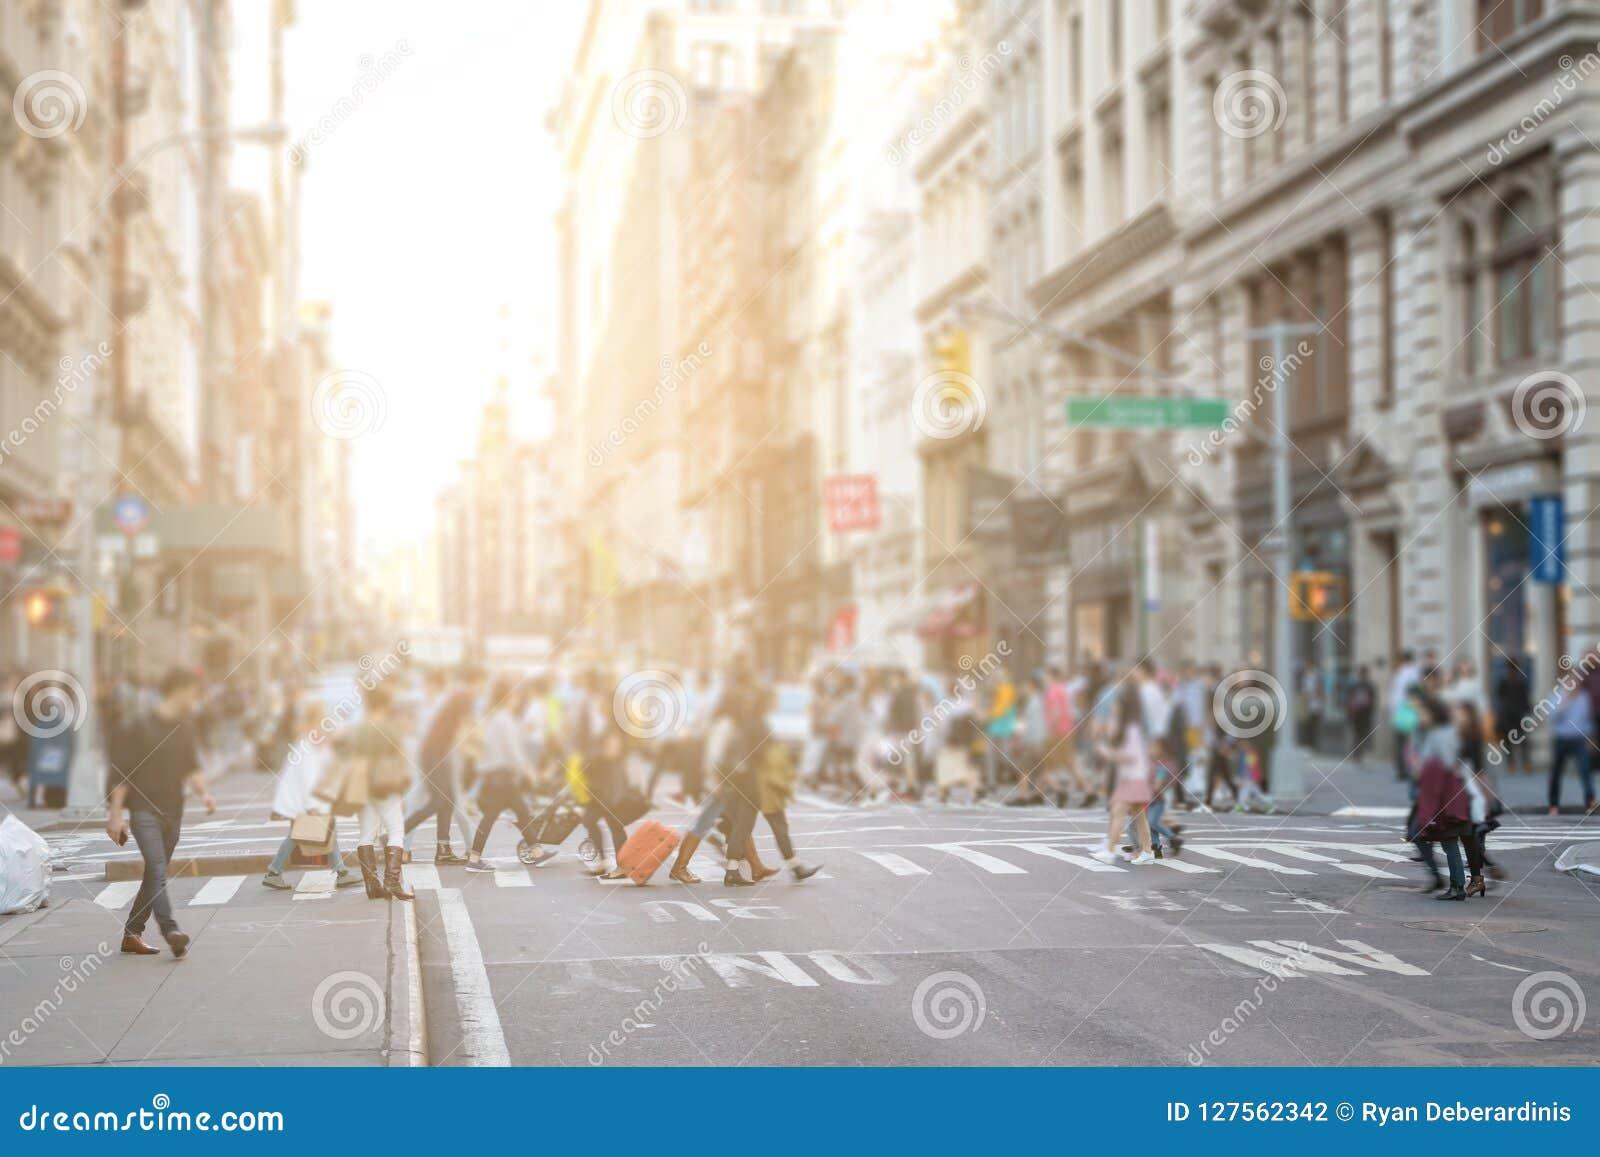 Ruchliwie tłumy ludzie chodzą przez skrzyżowanie w SoHo Miasto Nowy Jork